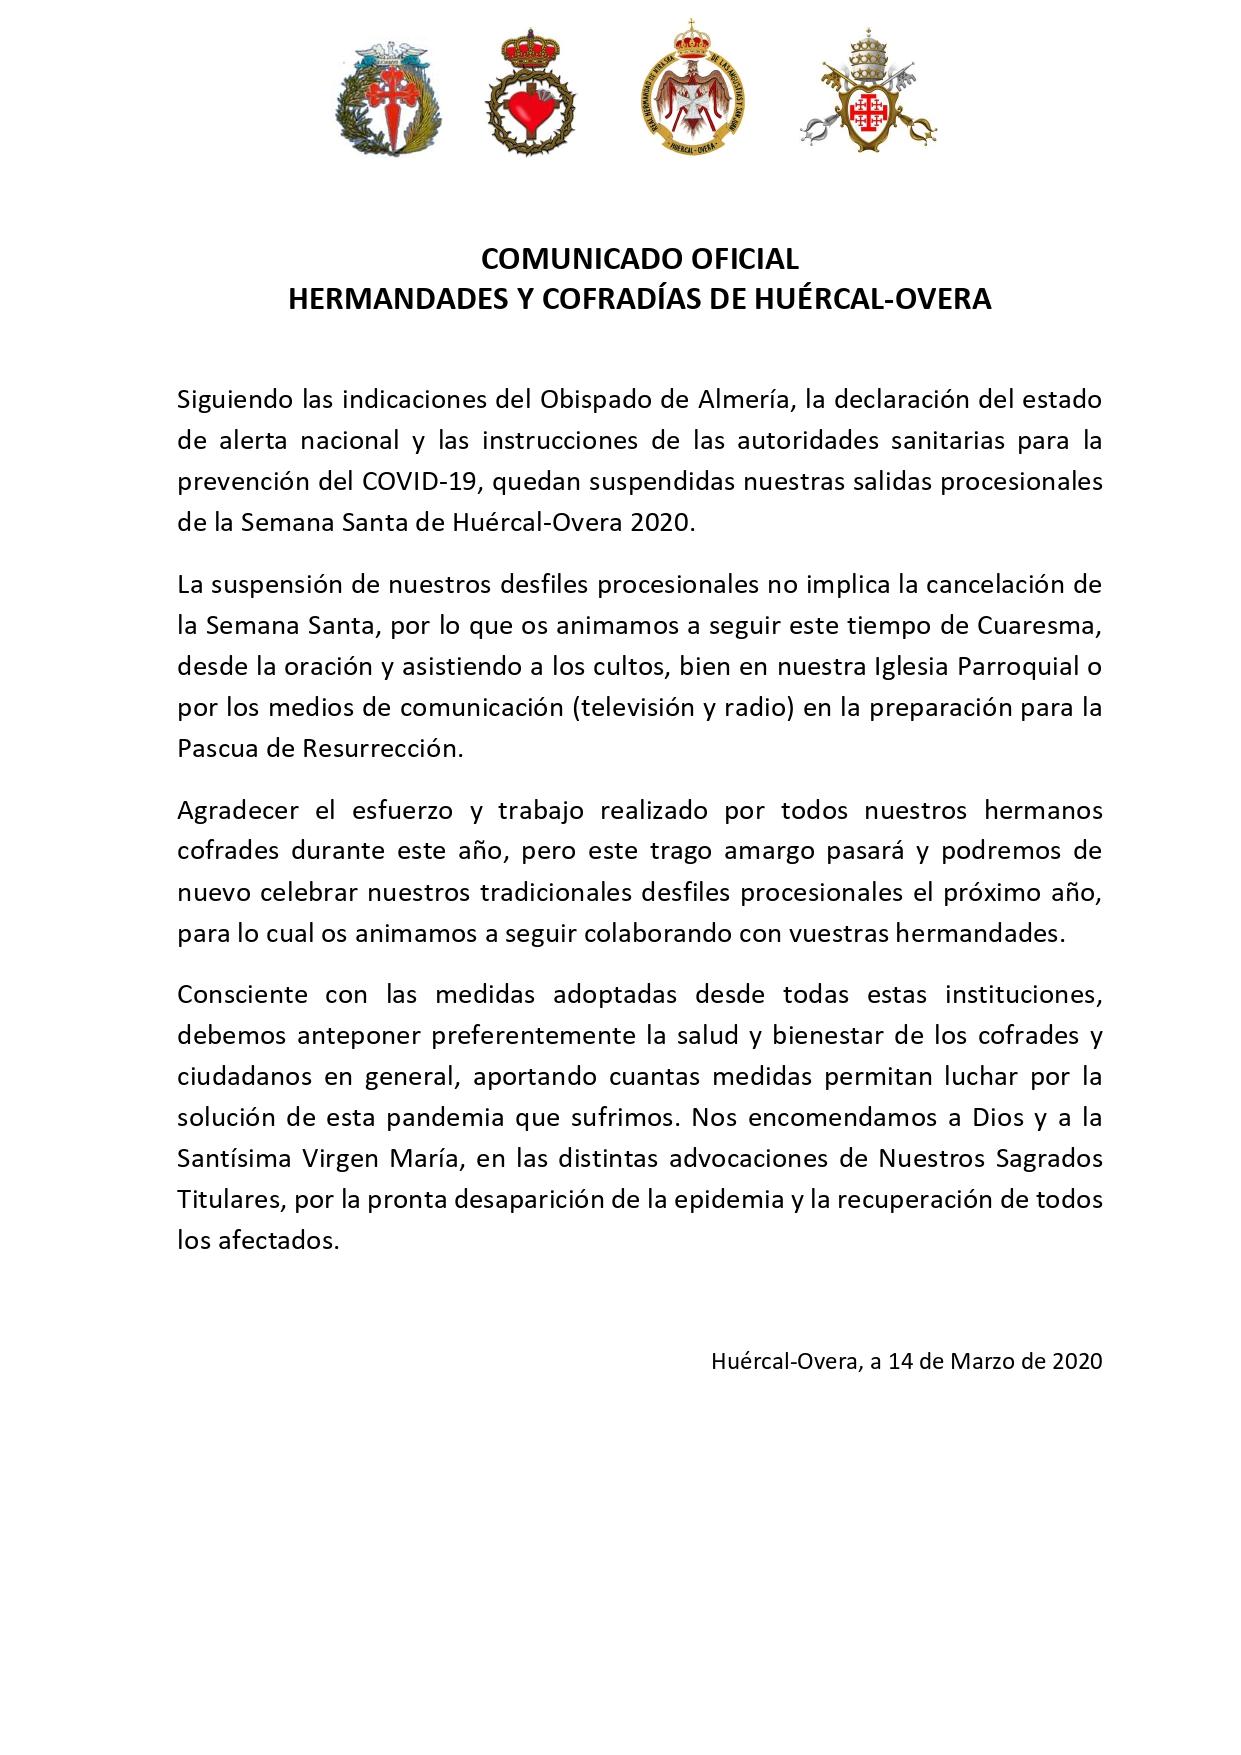 COMUNICADO OFICIAL DE LAS HERMANDADES Y COFRADÍAS DE HUÉRCAL-OVERA